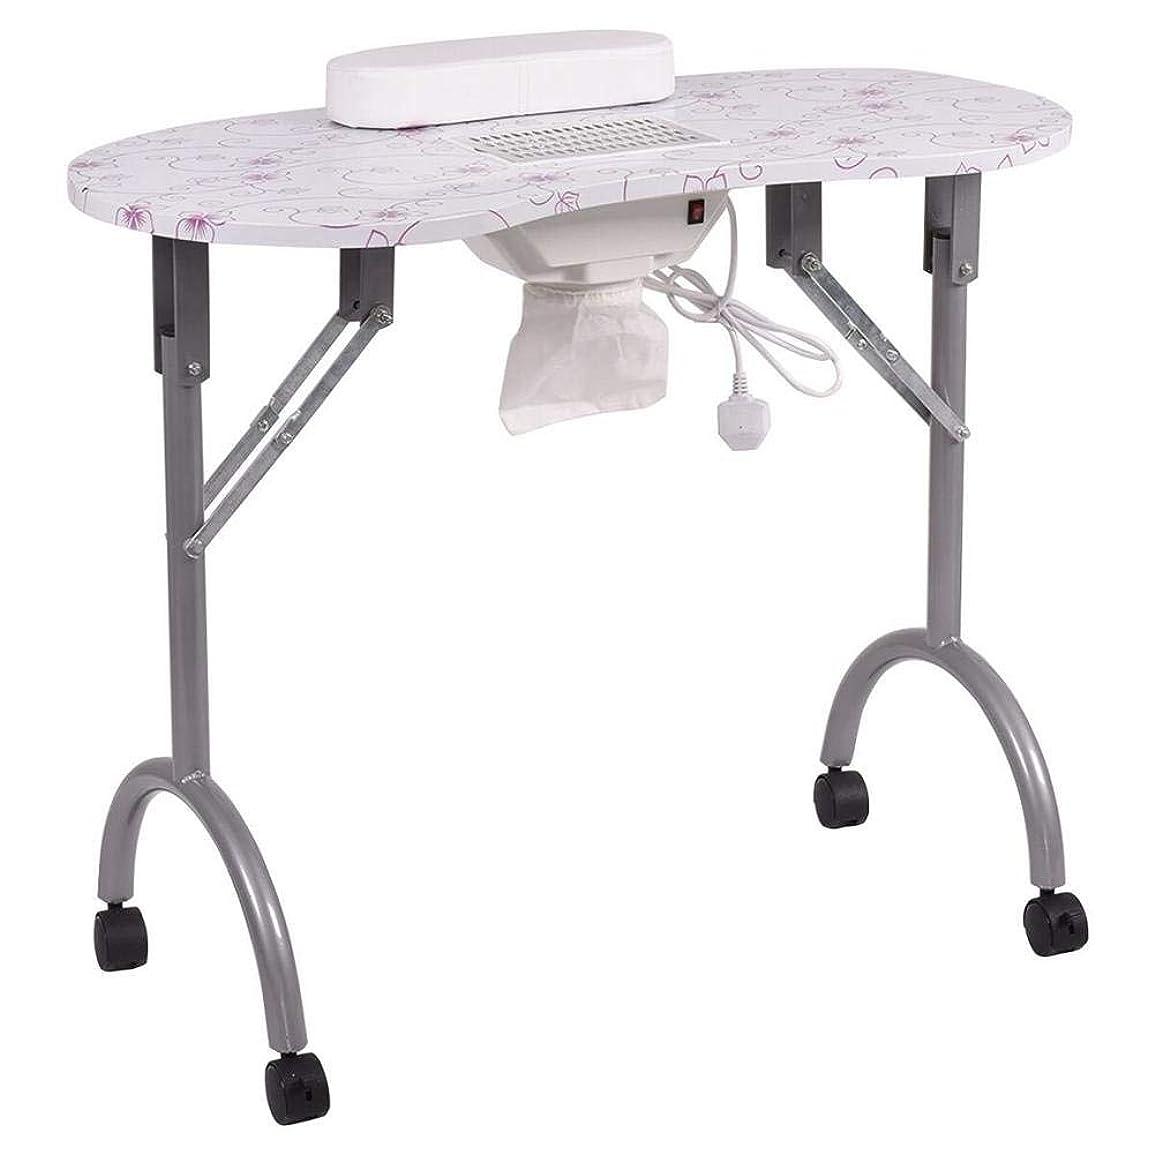 咲く株式会社プライムネイルテーブル折りたたみ式ポータブルマニキュアテーブルベントマニキュアワークステーションネイルデスクサロンスパネイル掃除機andbag